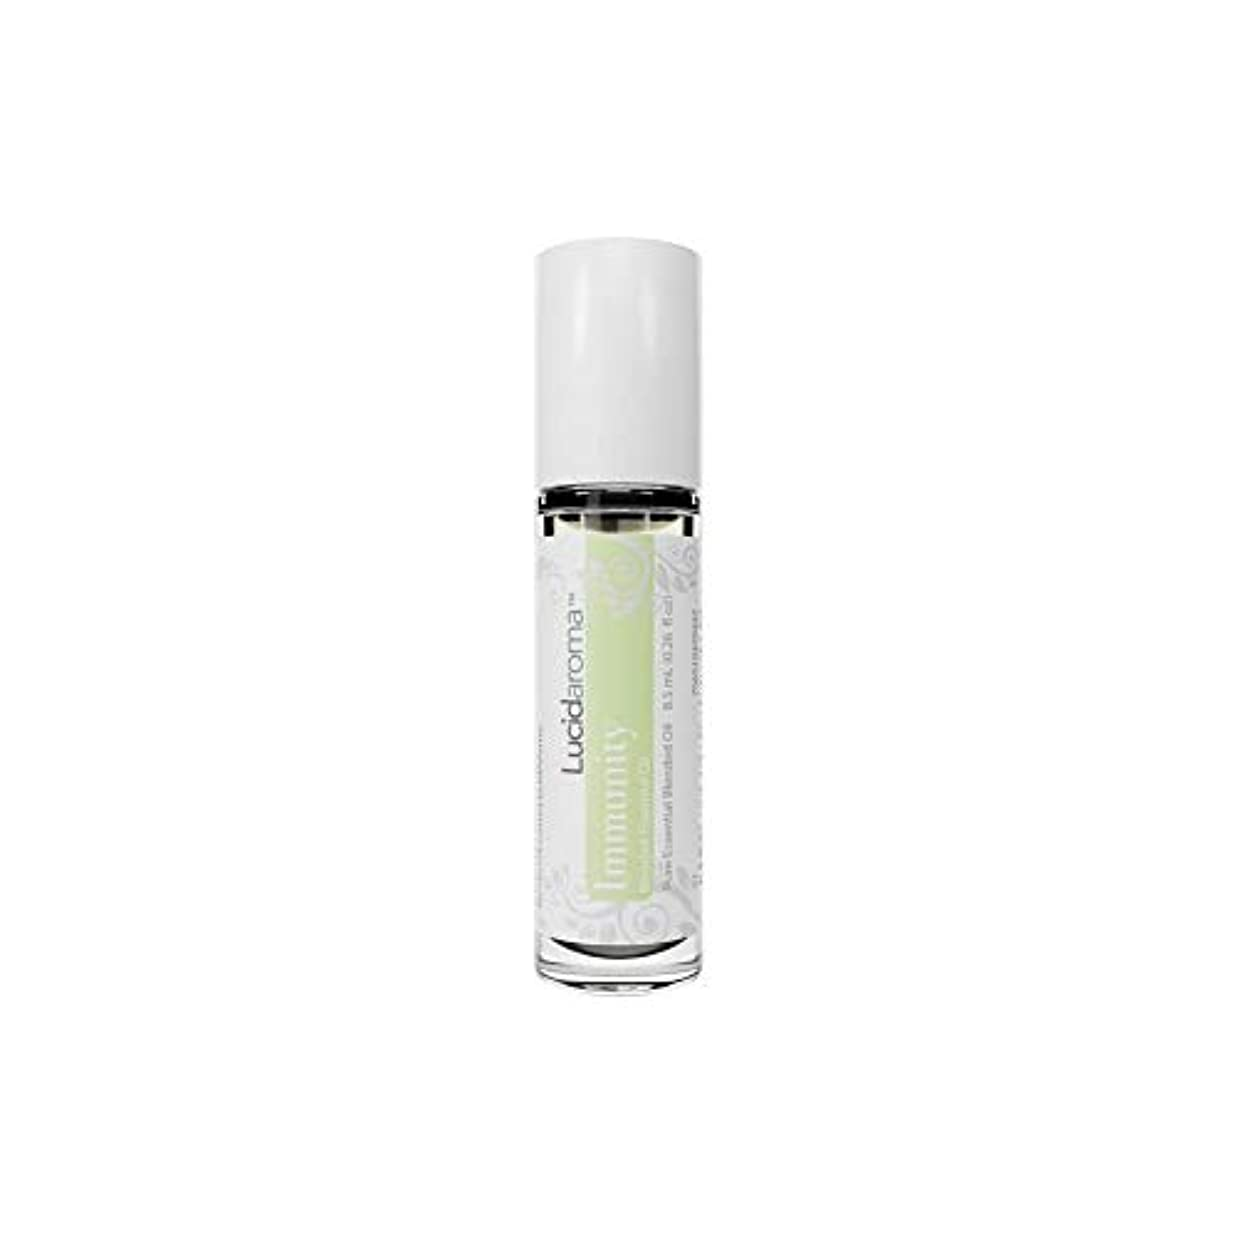 反論腐食するアラブLucid Aroma Immunity イミュニティ ブレンド ロールオン アロマオイル 8.5mL (塗るアロマ) 100%天然 携帯便利 ピュア エッセンシャル アメリカ製